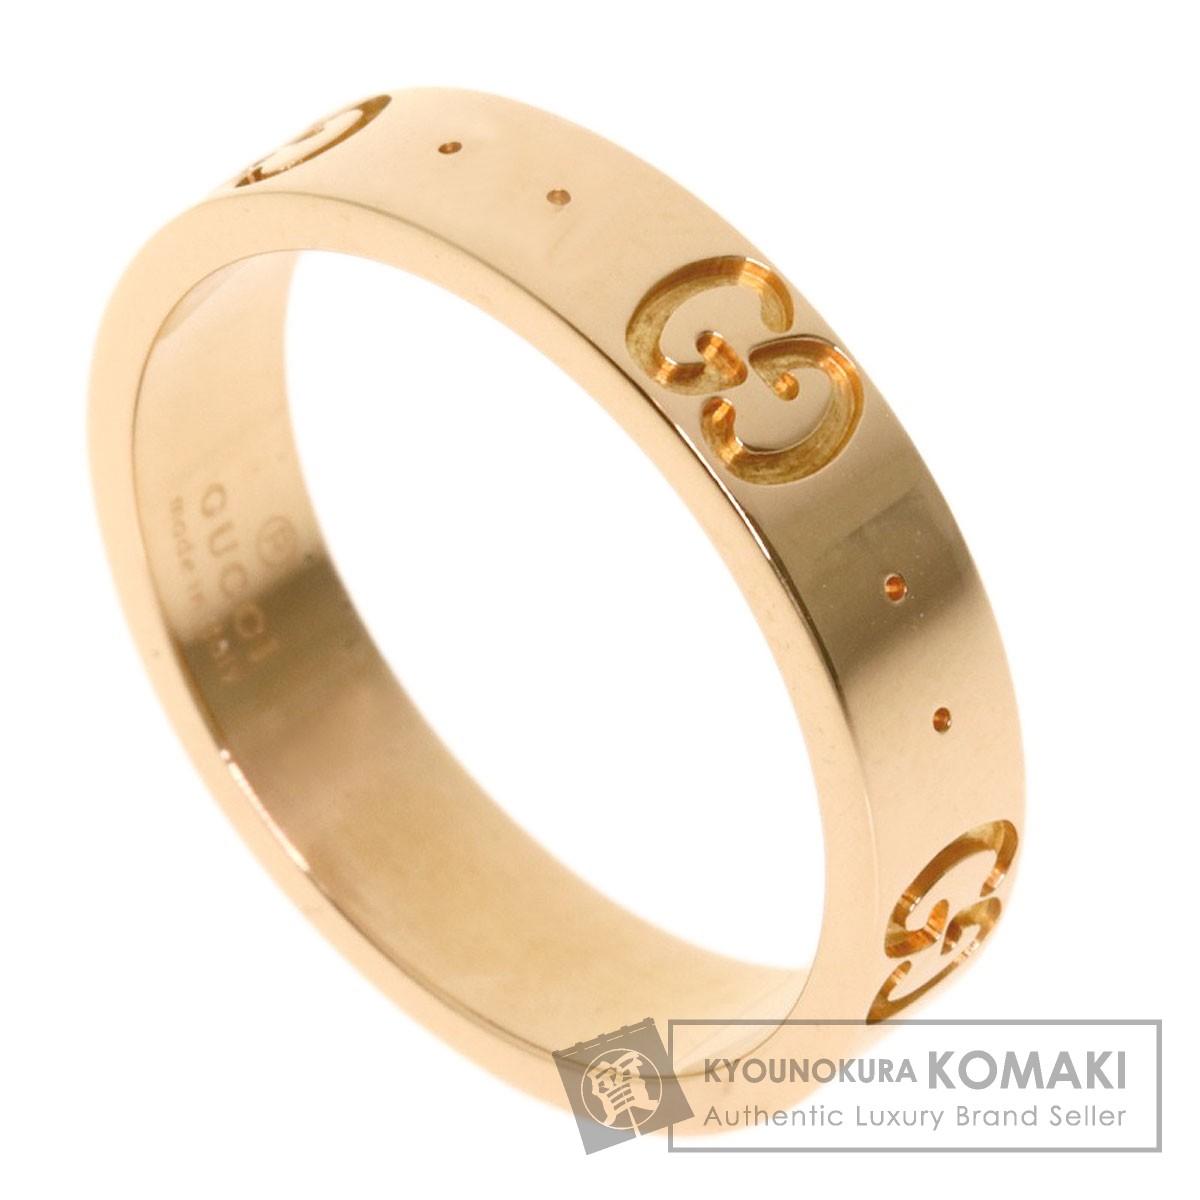 グッチ アイコン #10 リング・指輪 K18ピンクゴールド レディース 【中古】【GUCCI】